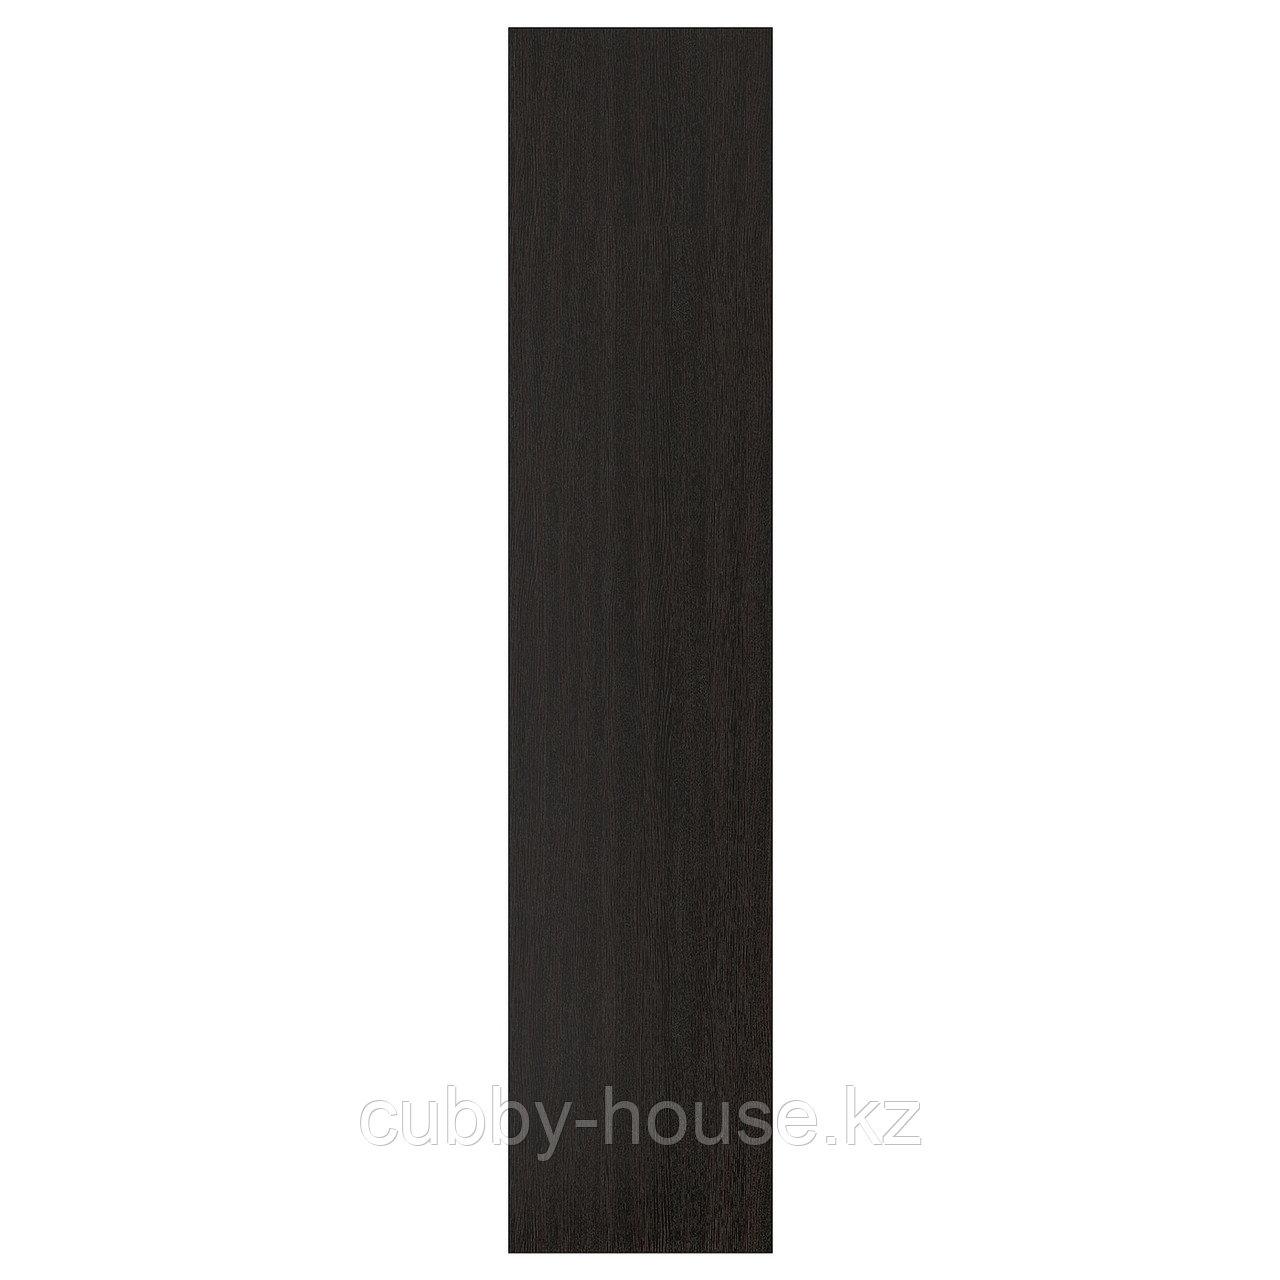 ФОРСАНД Дверца с петлями, под мореный ясень, черно-коричневый, 50x229 см